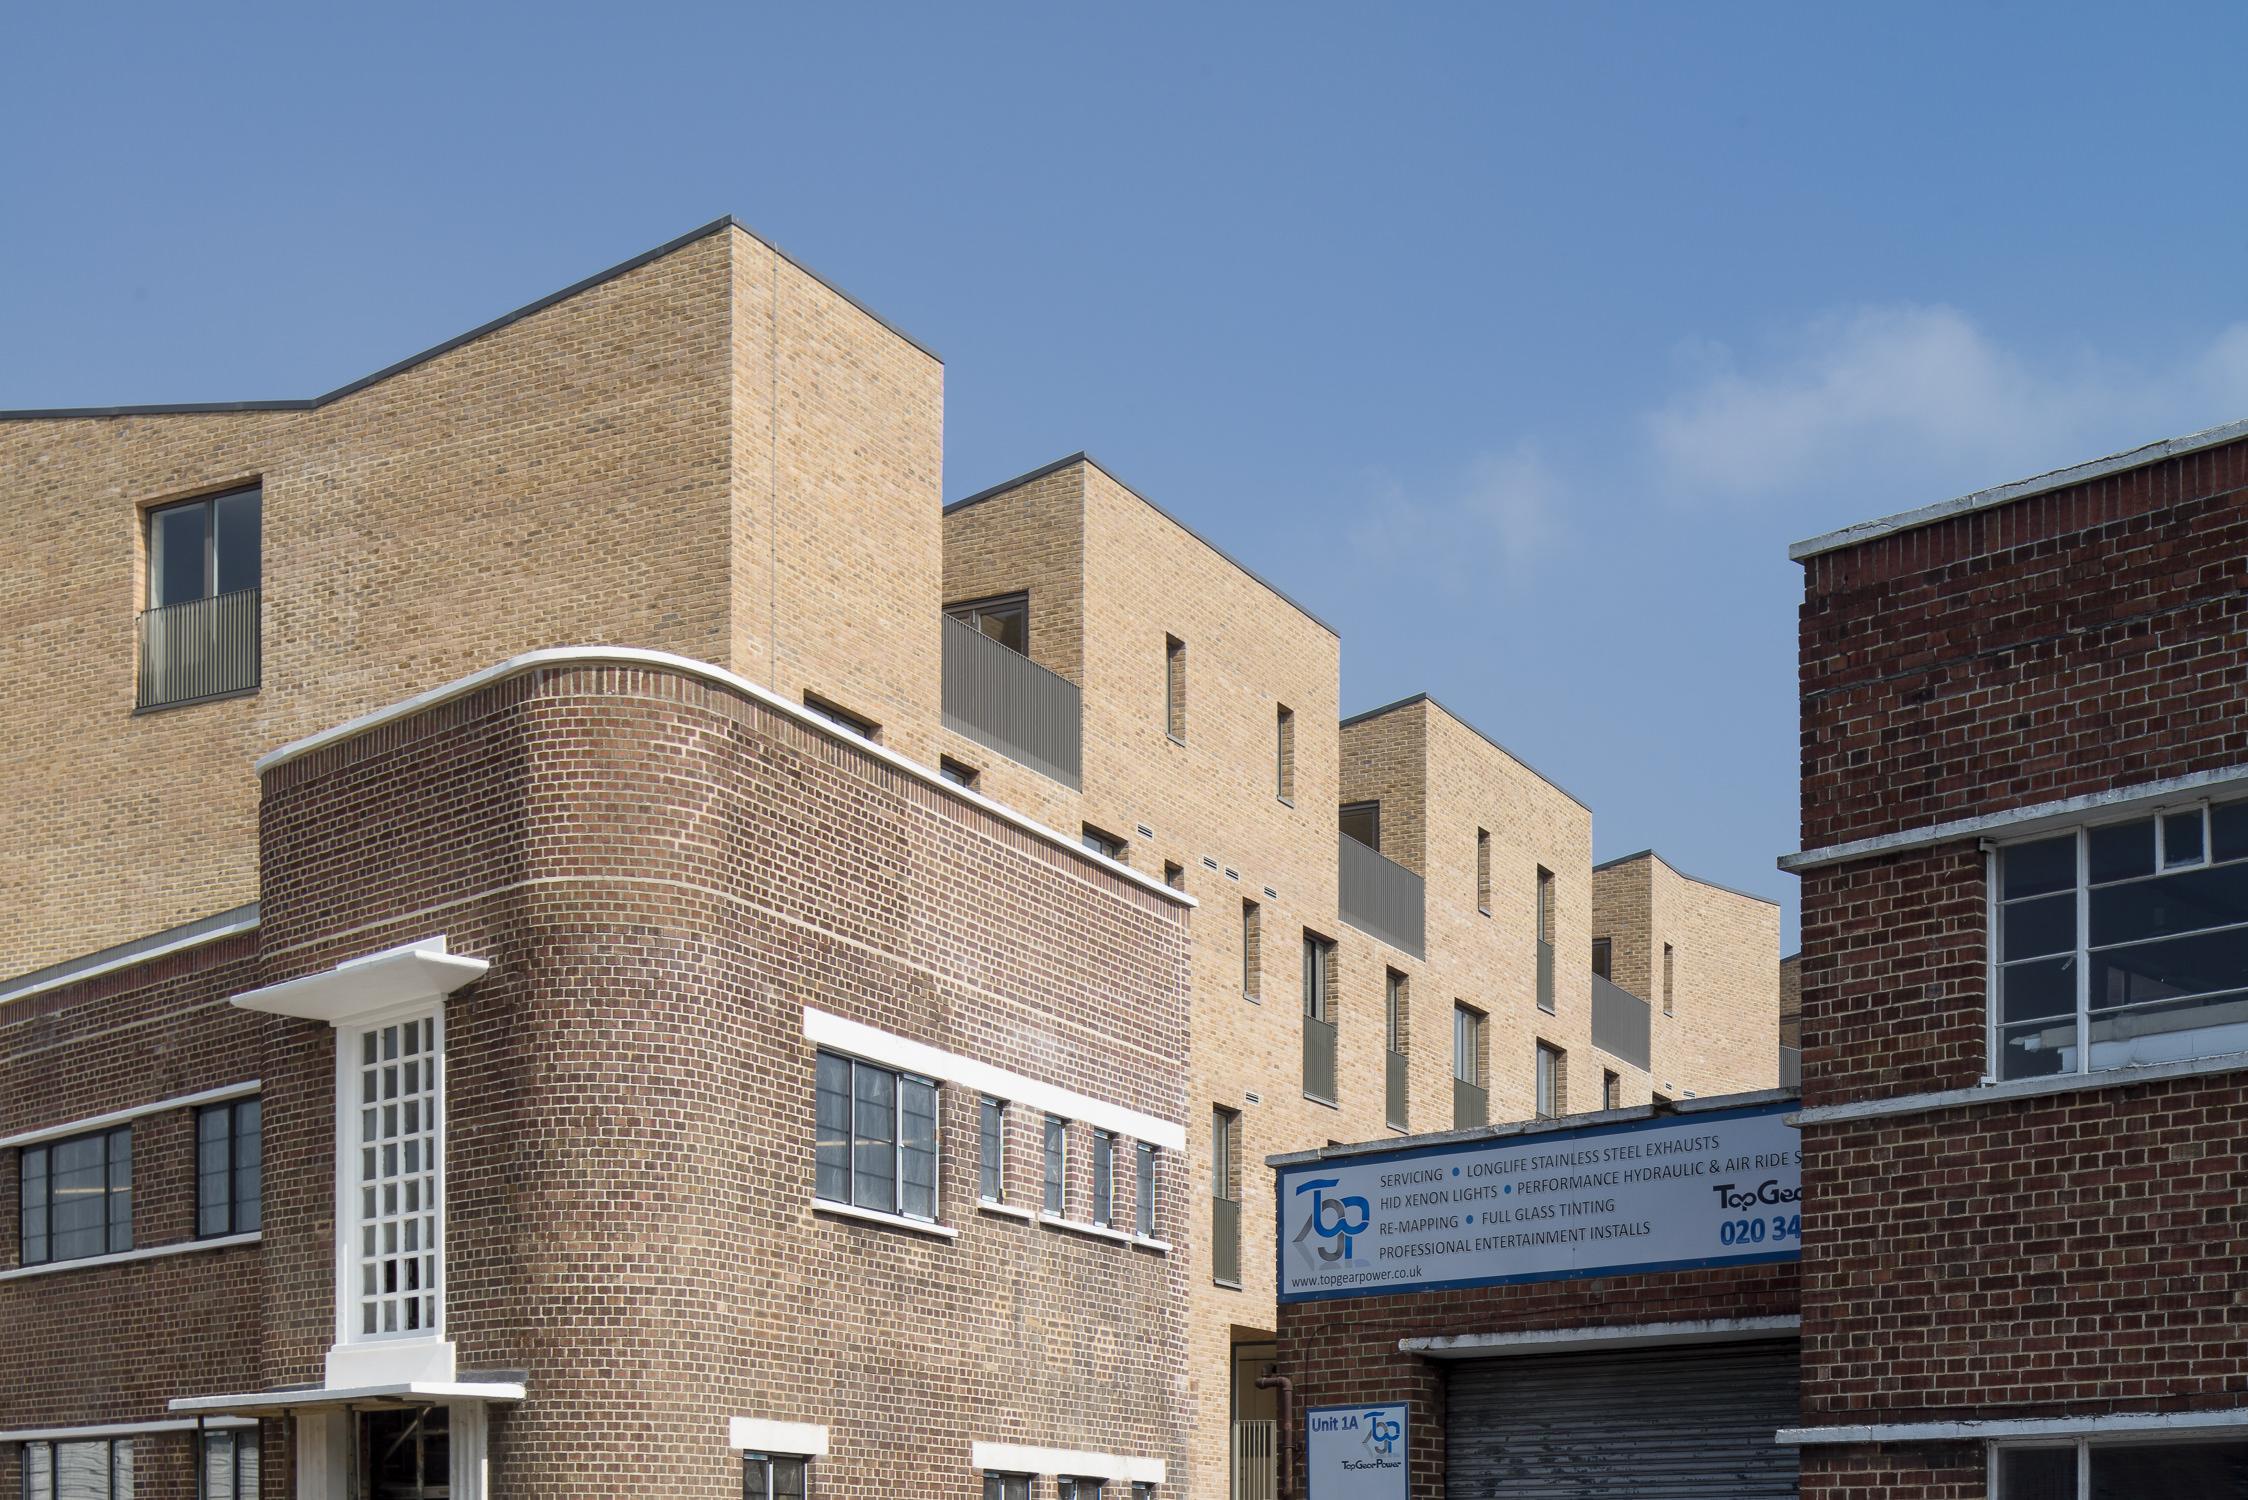 mikhail-riches-brentford-lock-mark-hadden-architecture-photographer-architectuur-fotograaf-020.jpg